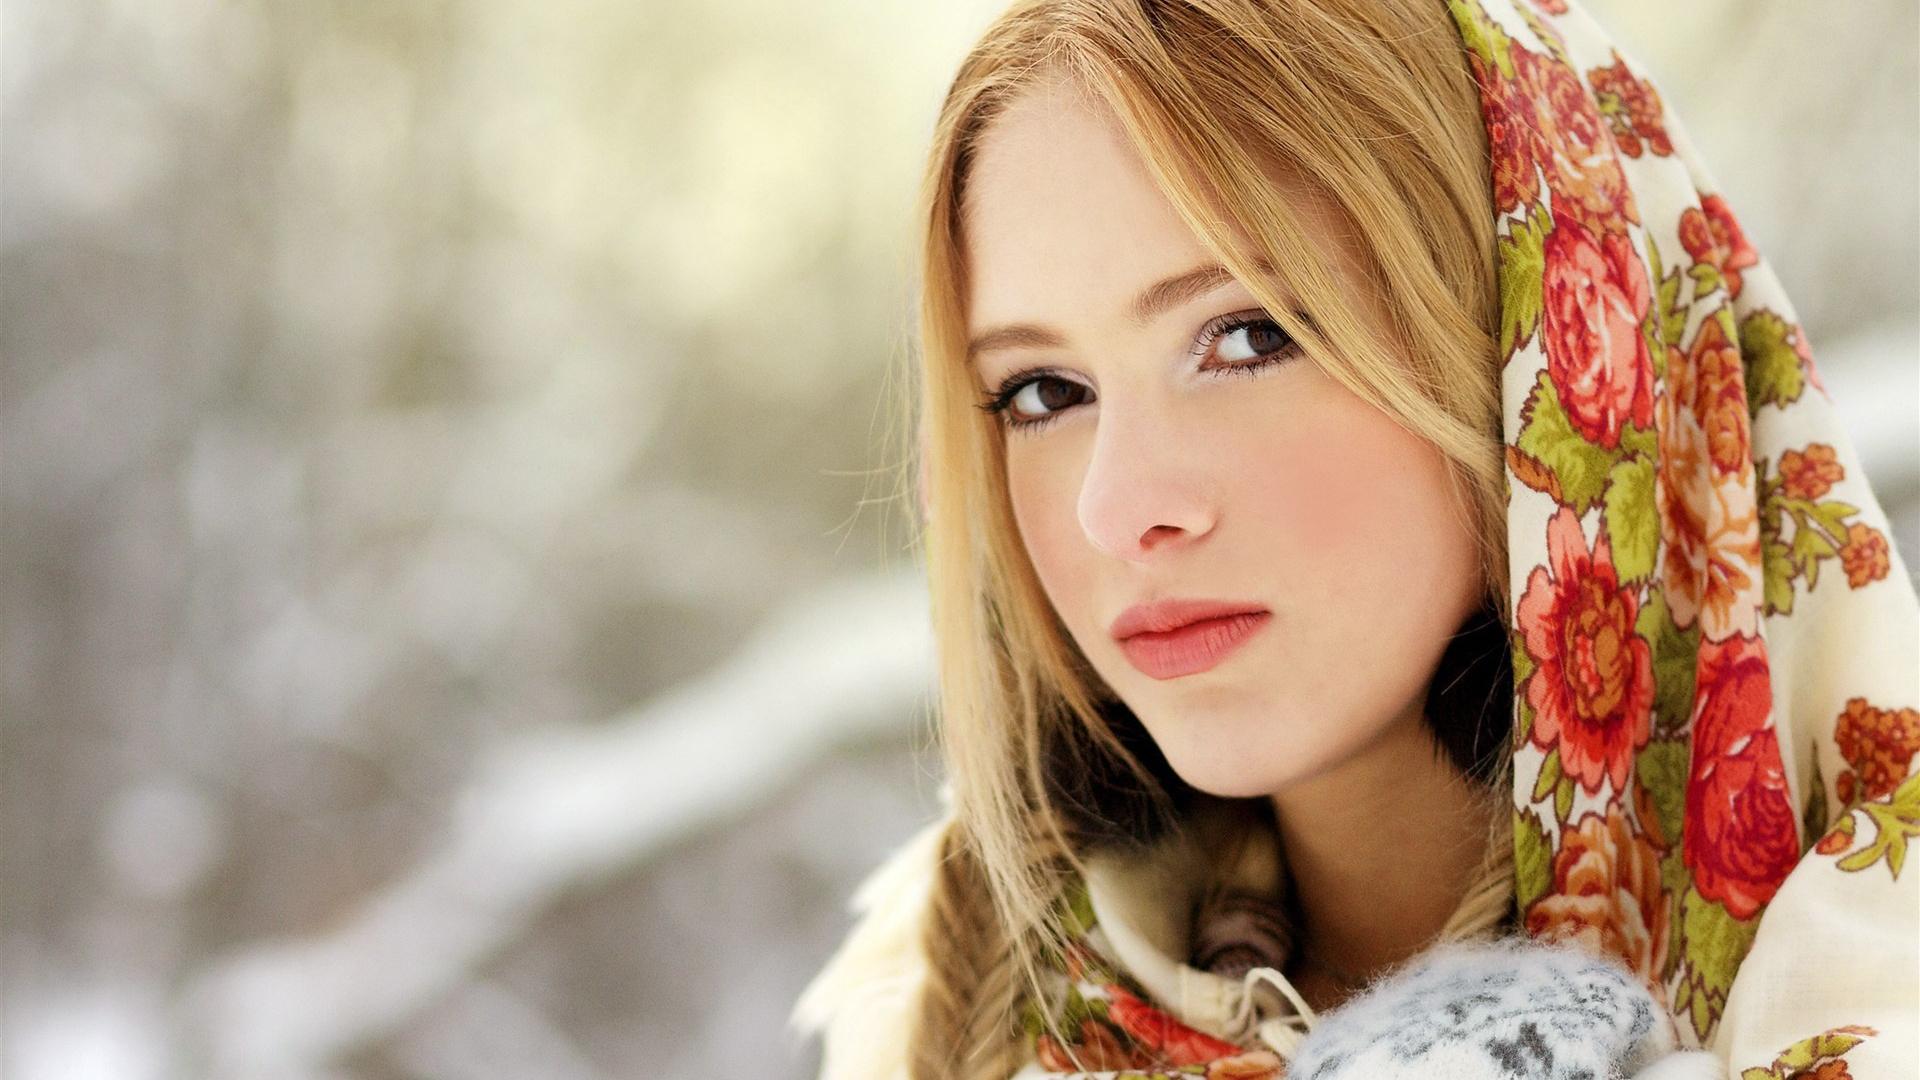 Трахнул русские красавицы онлайн